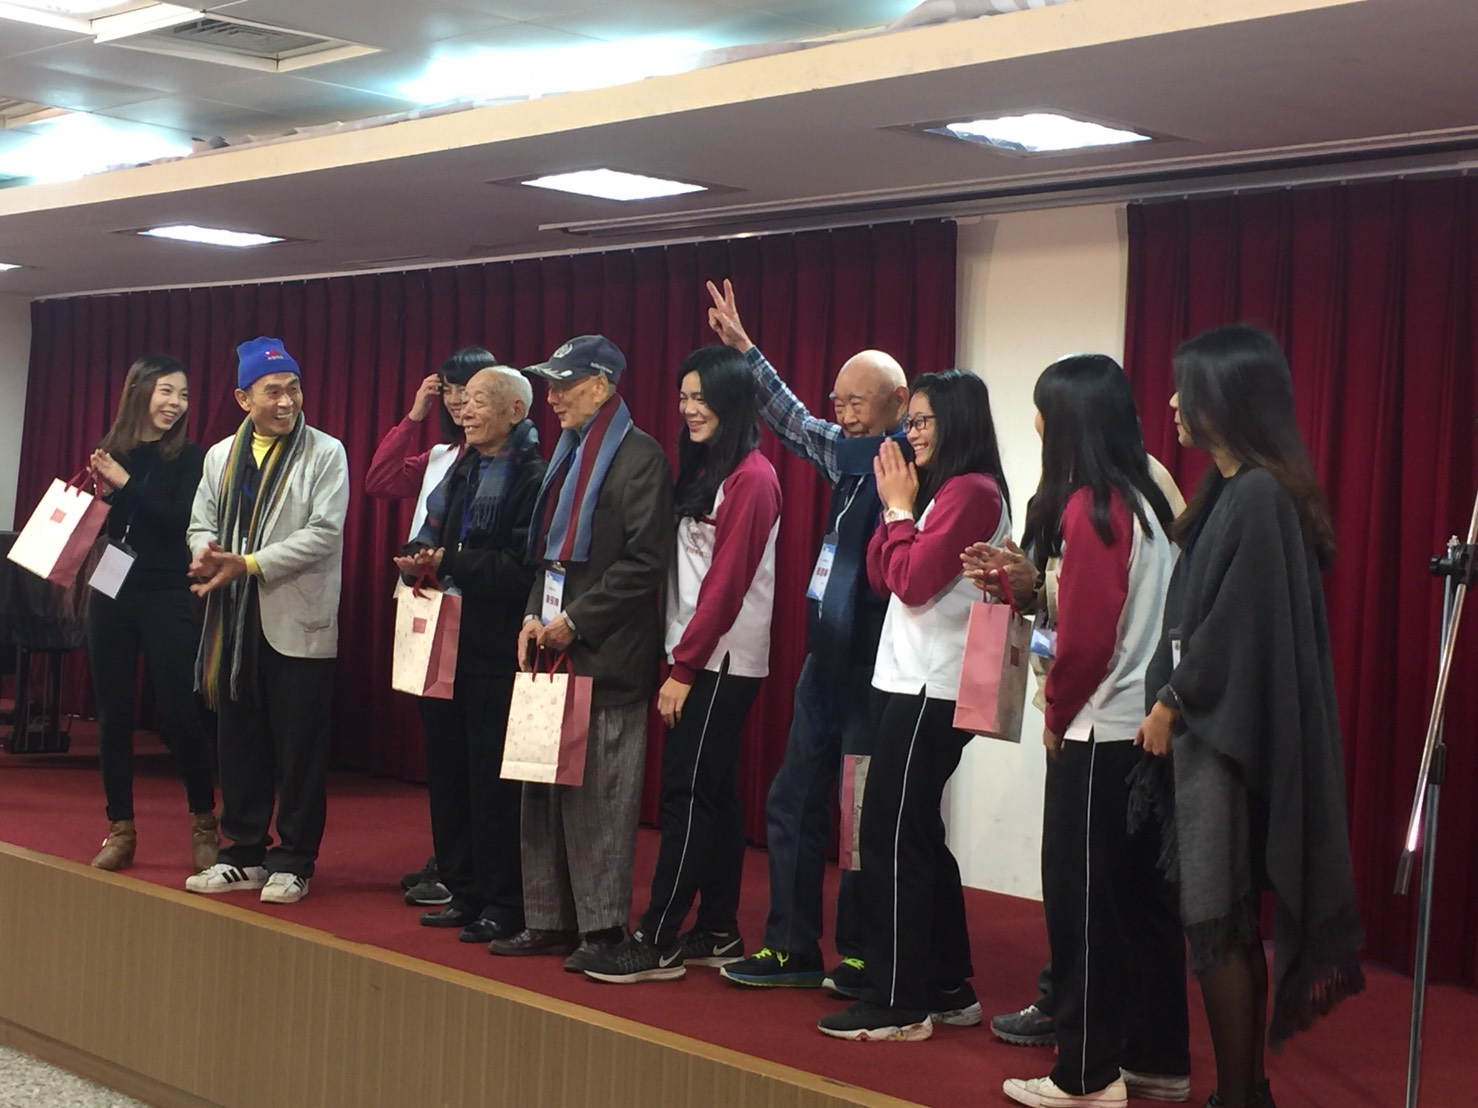 歡迎榮民之家蒞校,感謝大學部和附中共同締造了美好的成果發展會!